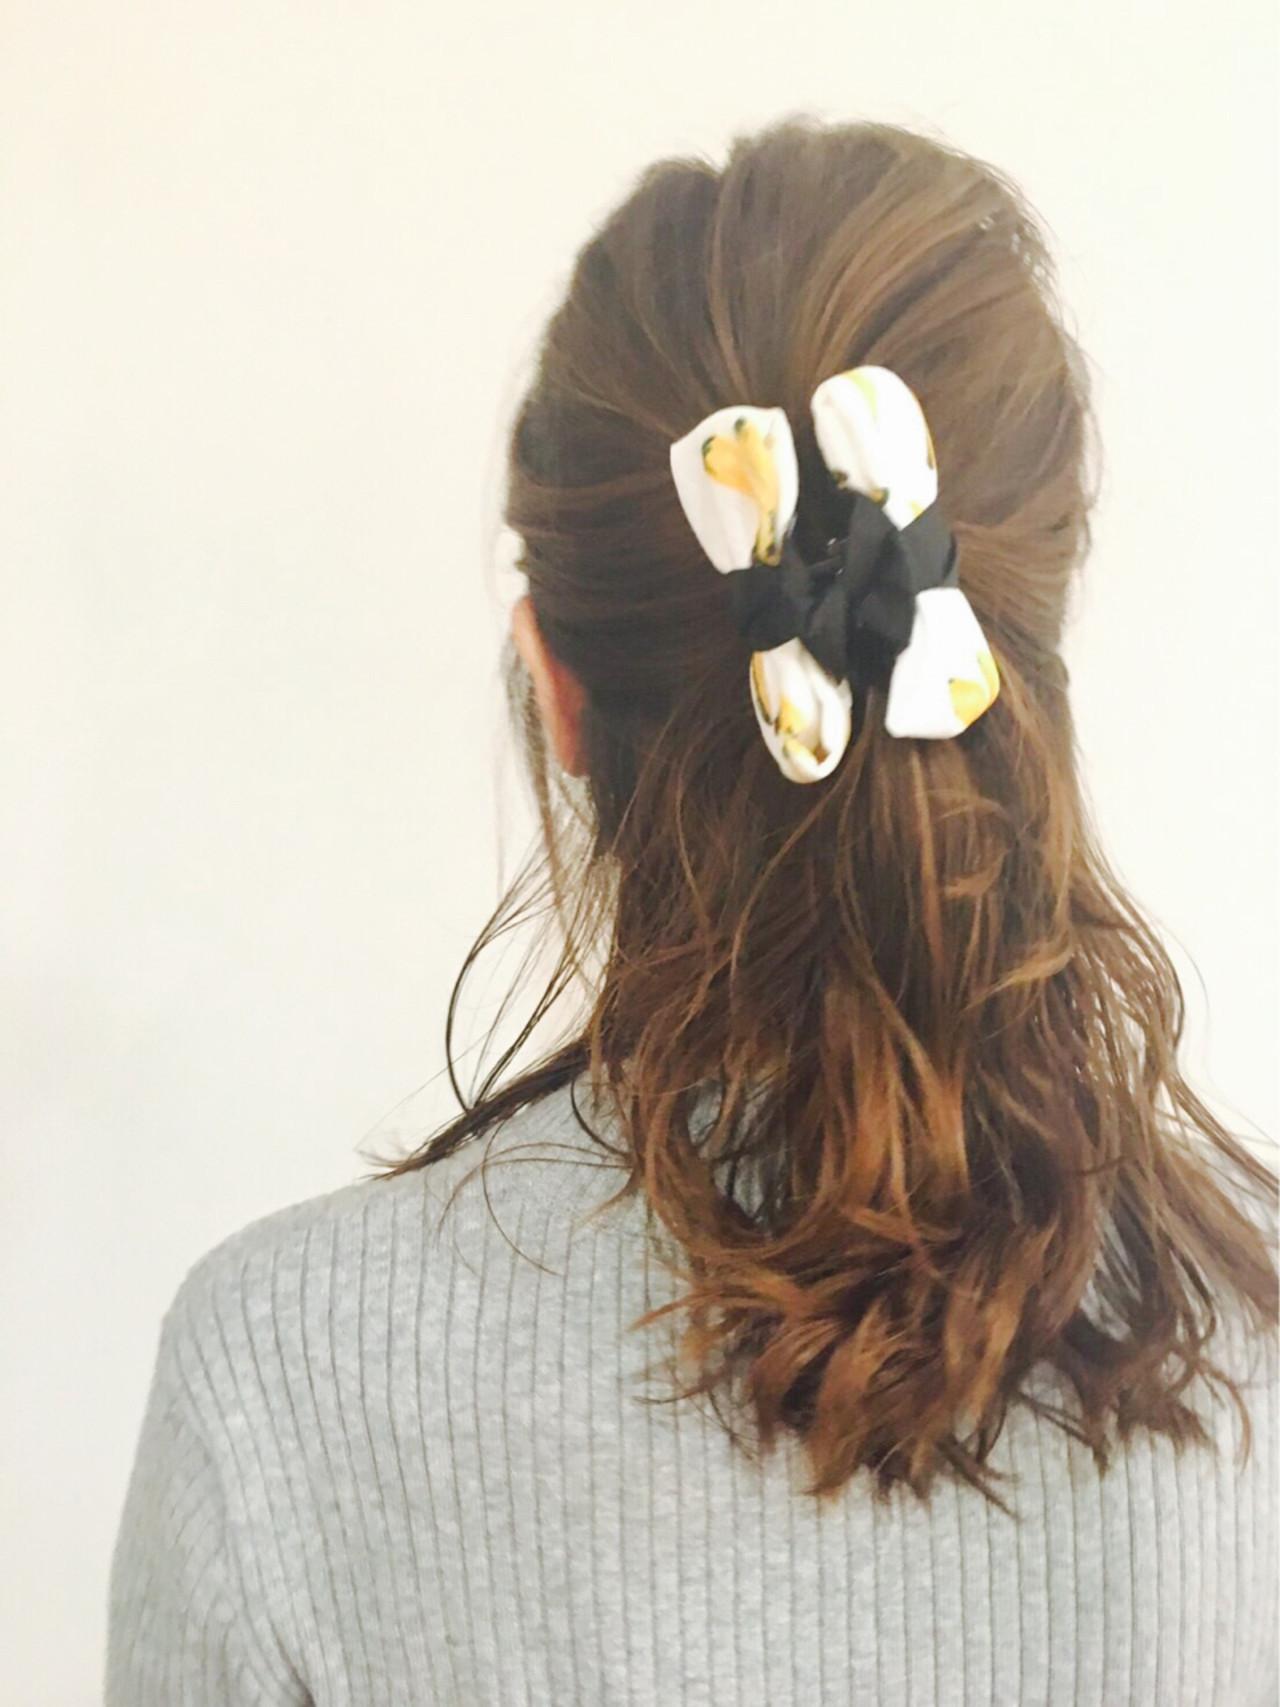 ハーフアップ 大人かわいい ミディアム ヘアクリップ ヘアスタイルや髪型の写真・画像